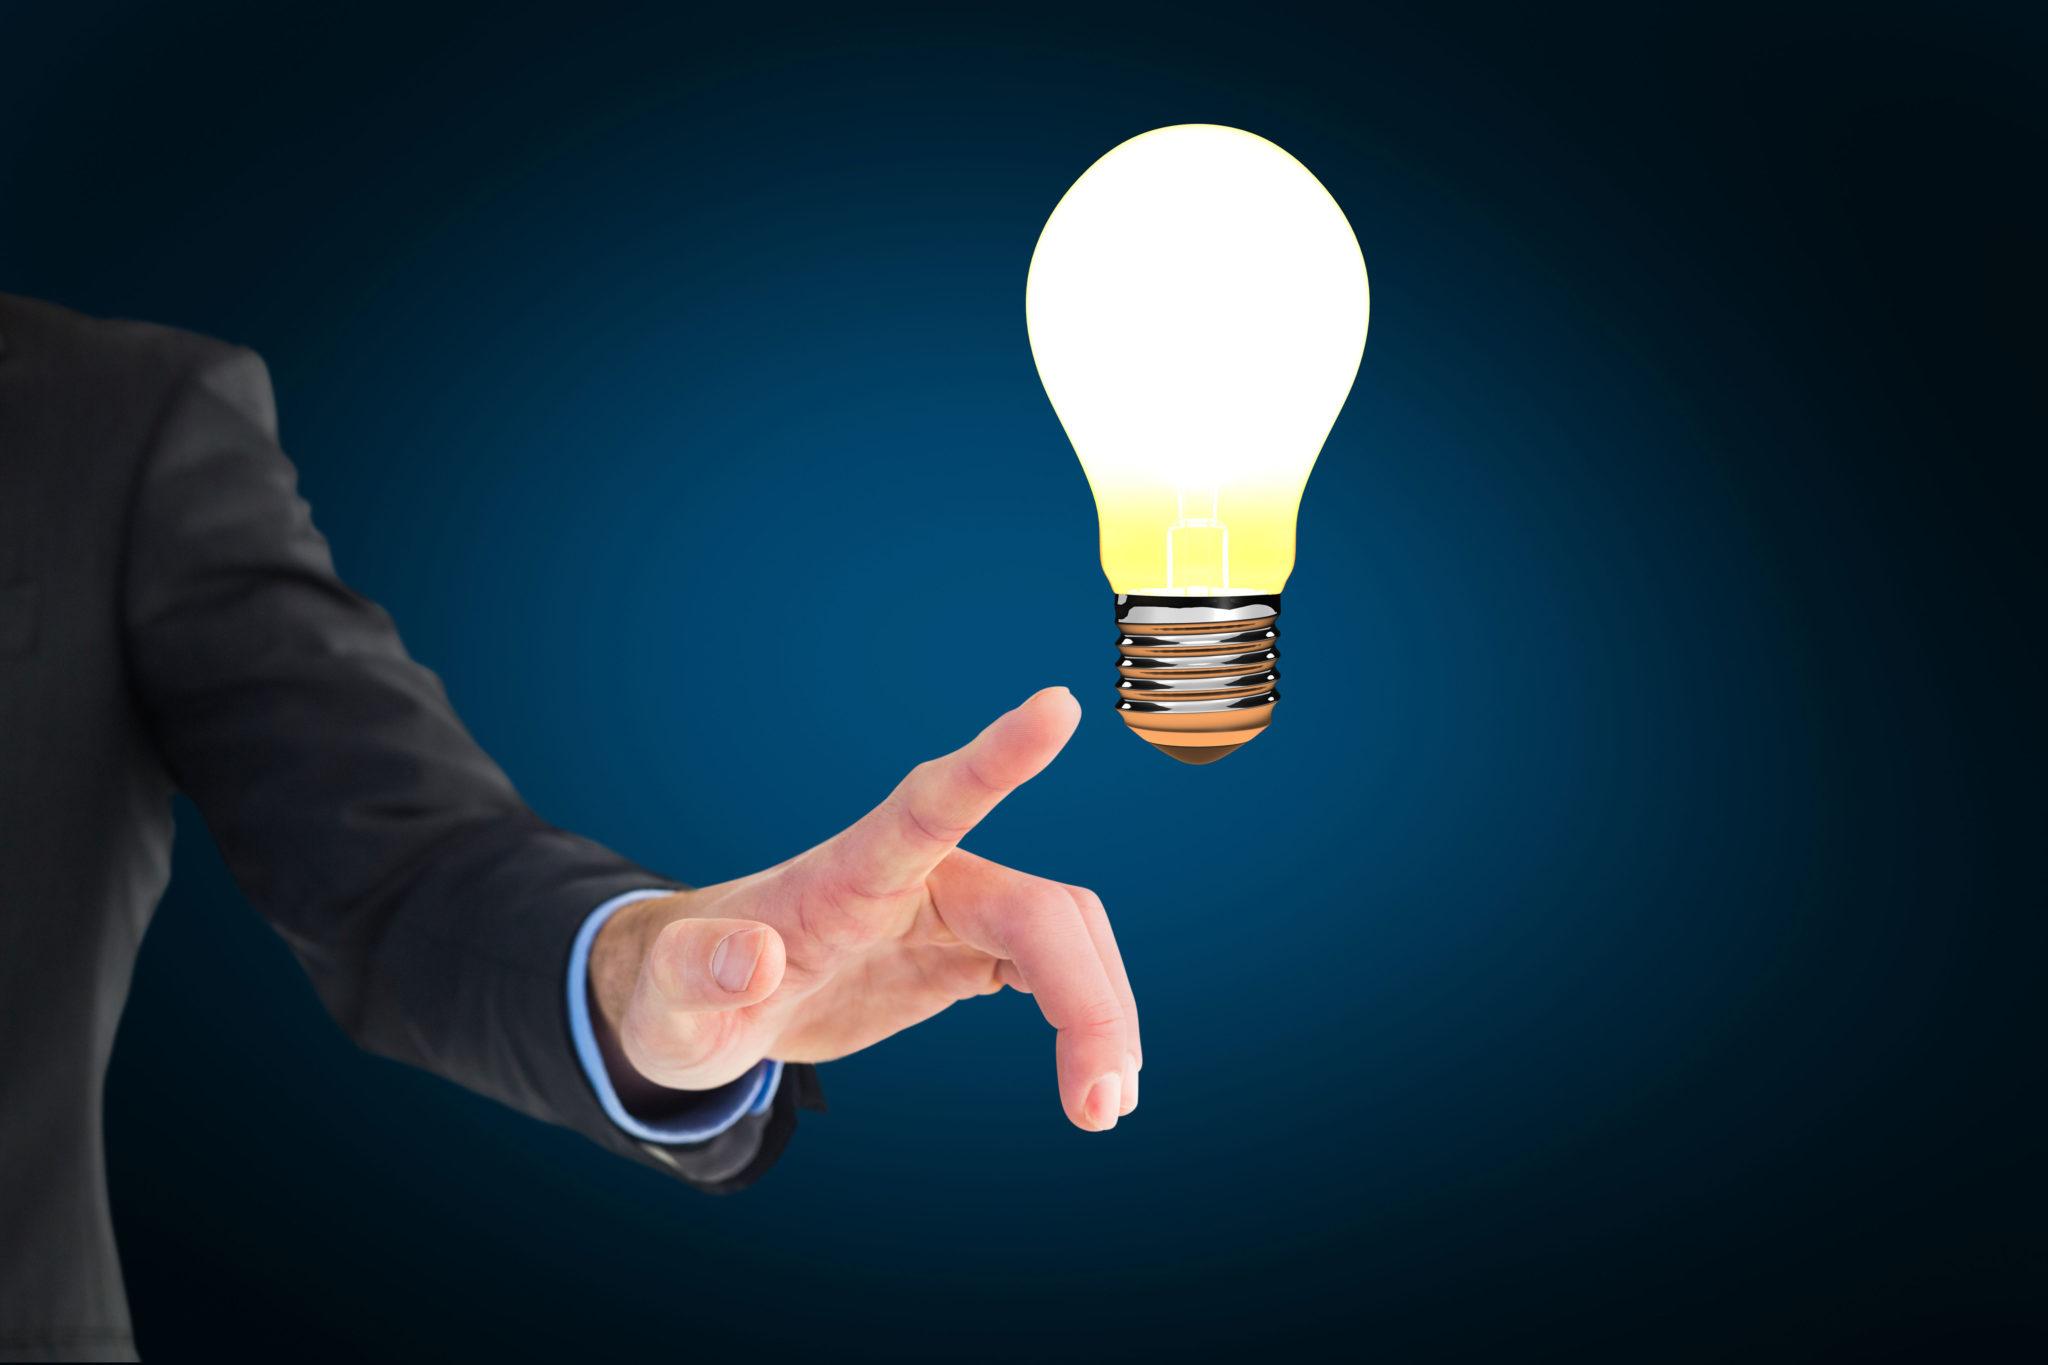 آی چلنج ، نوآوری باز ، نوآوری ، چالش نوآوری